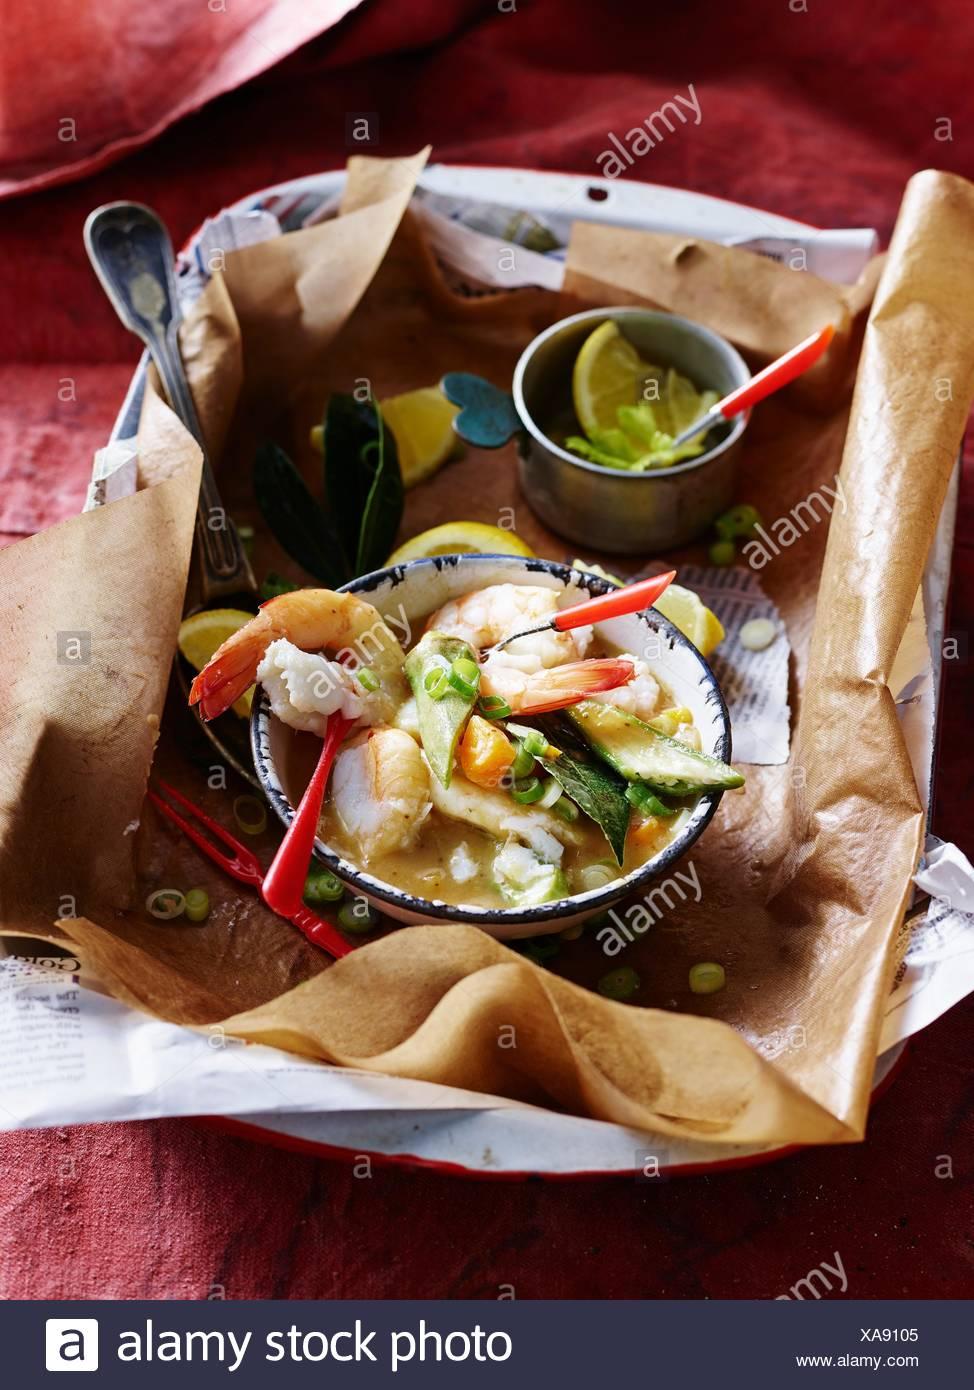 Old Bay Seasoning American Gumbo - Stock Image